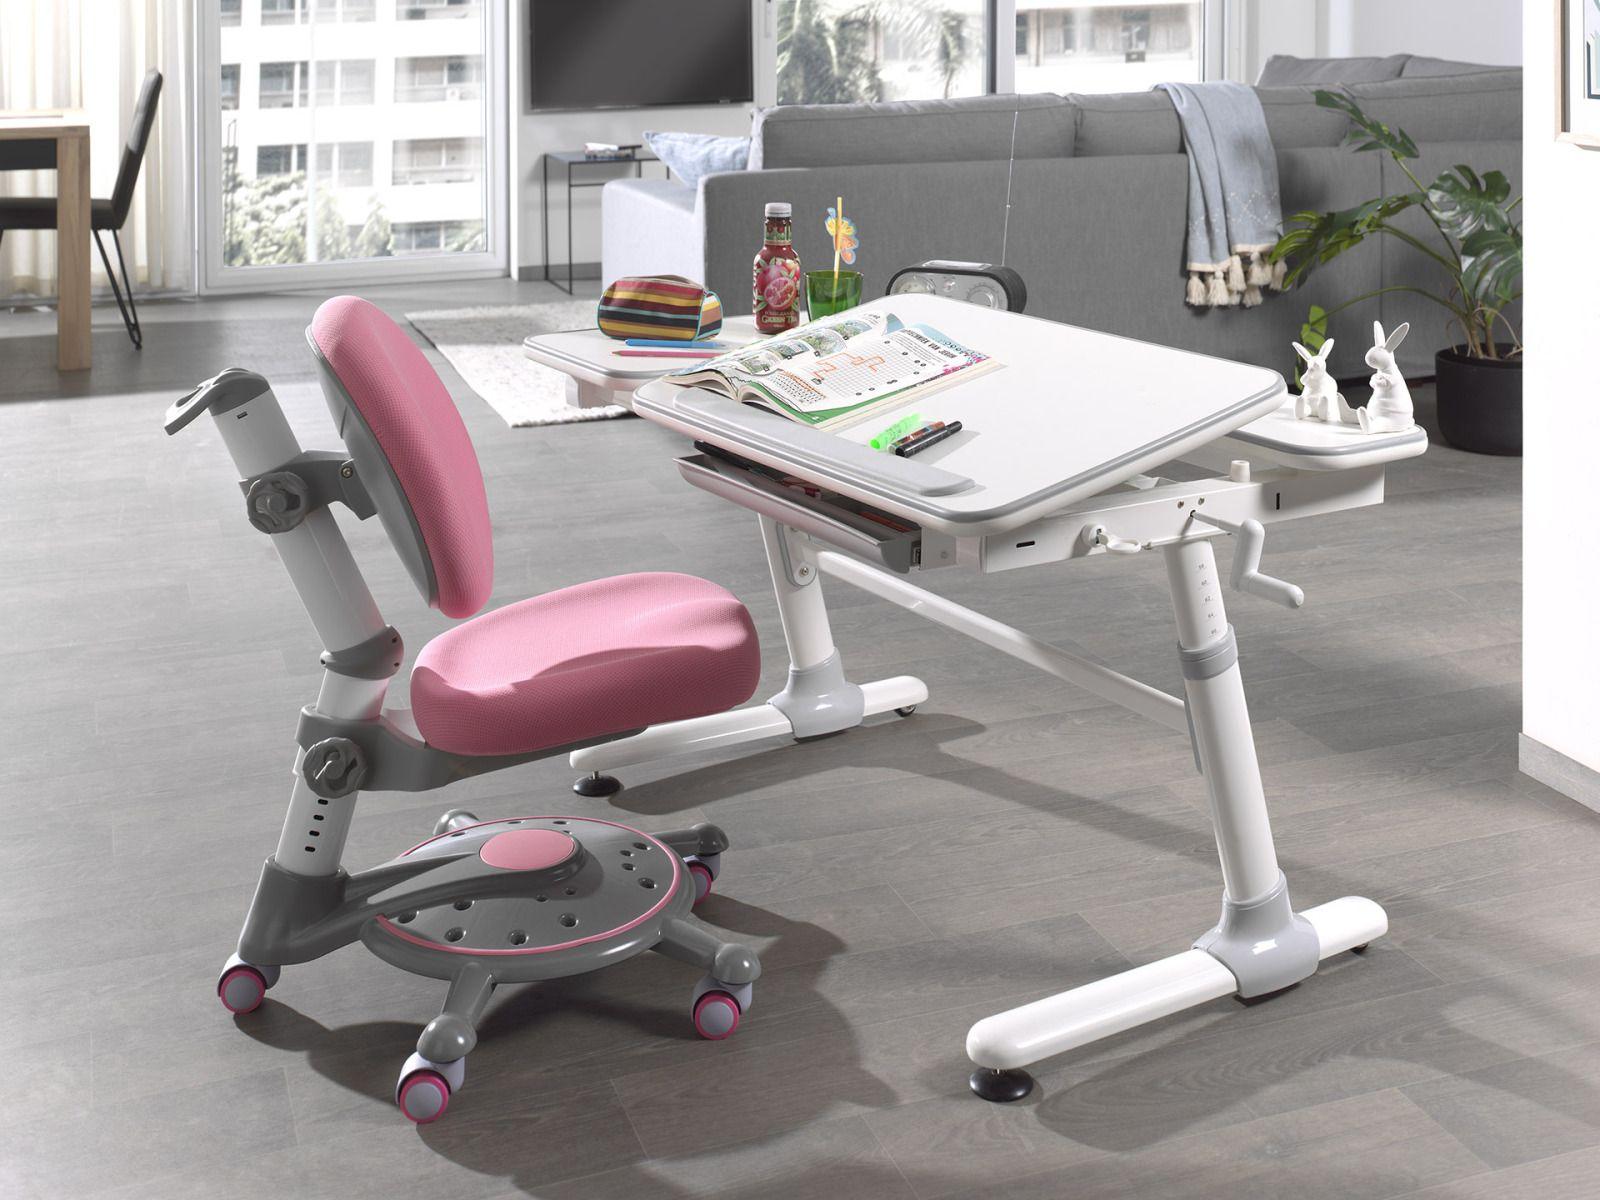 The Rettel Roller Schreibtisch Zu Hause Lagerhalle Umgestalten Kuche